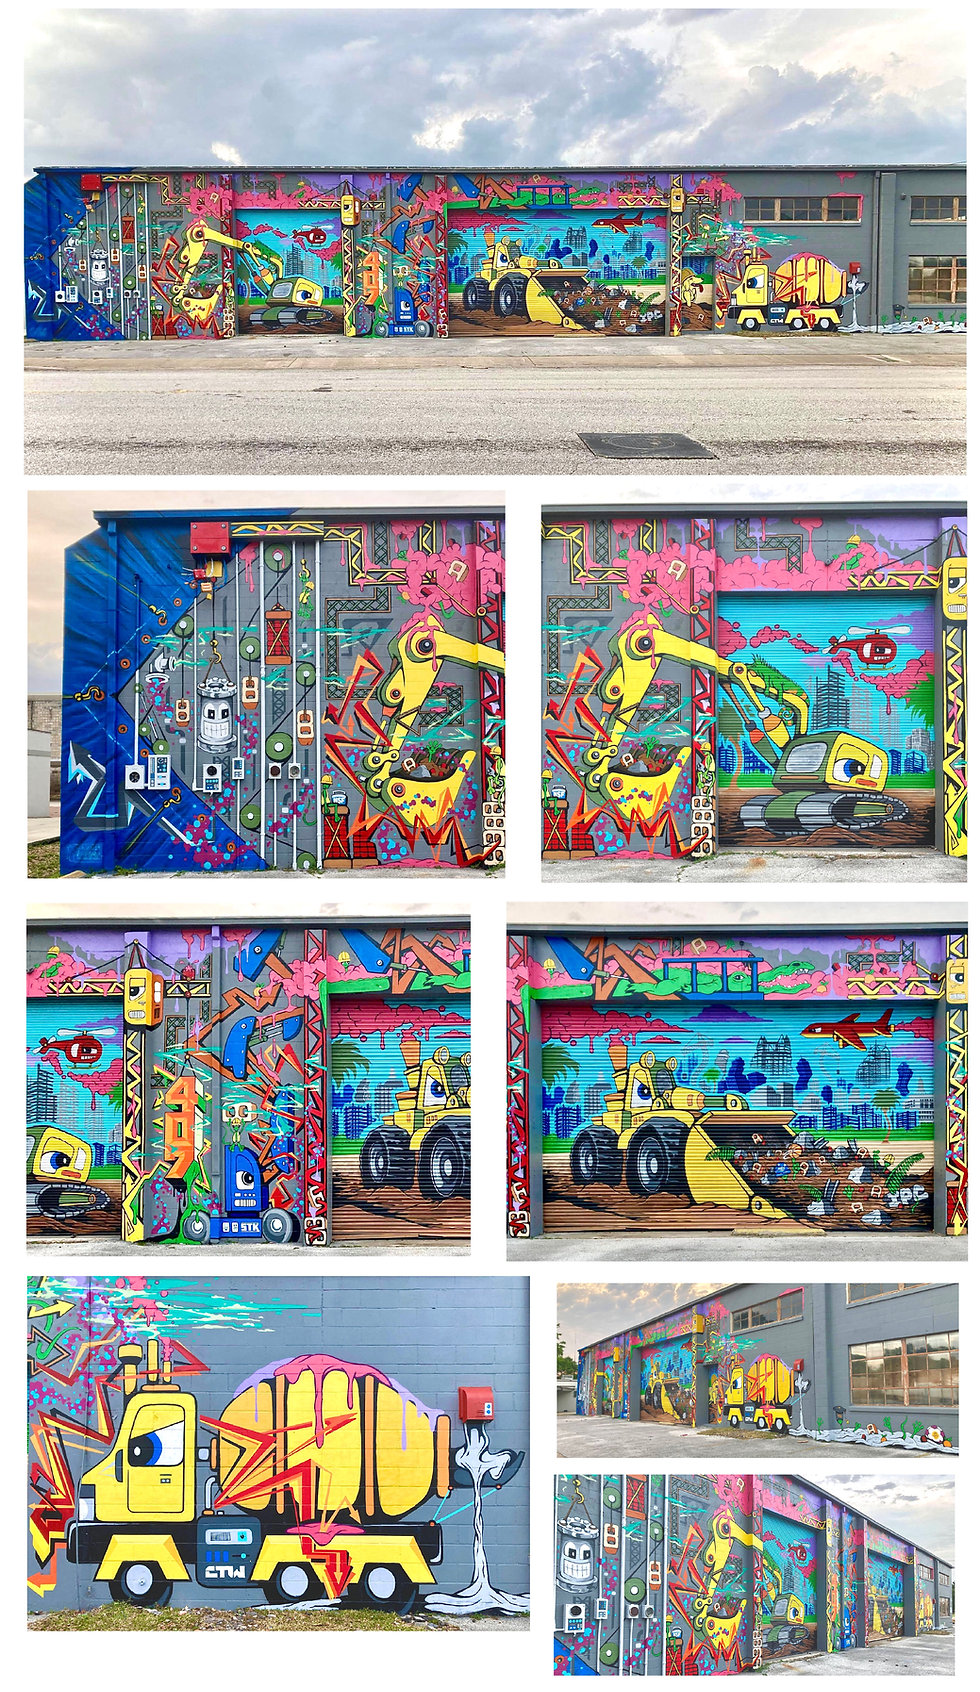 HJ_mural.jpg